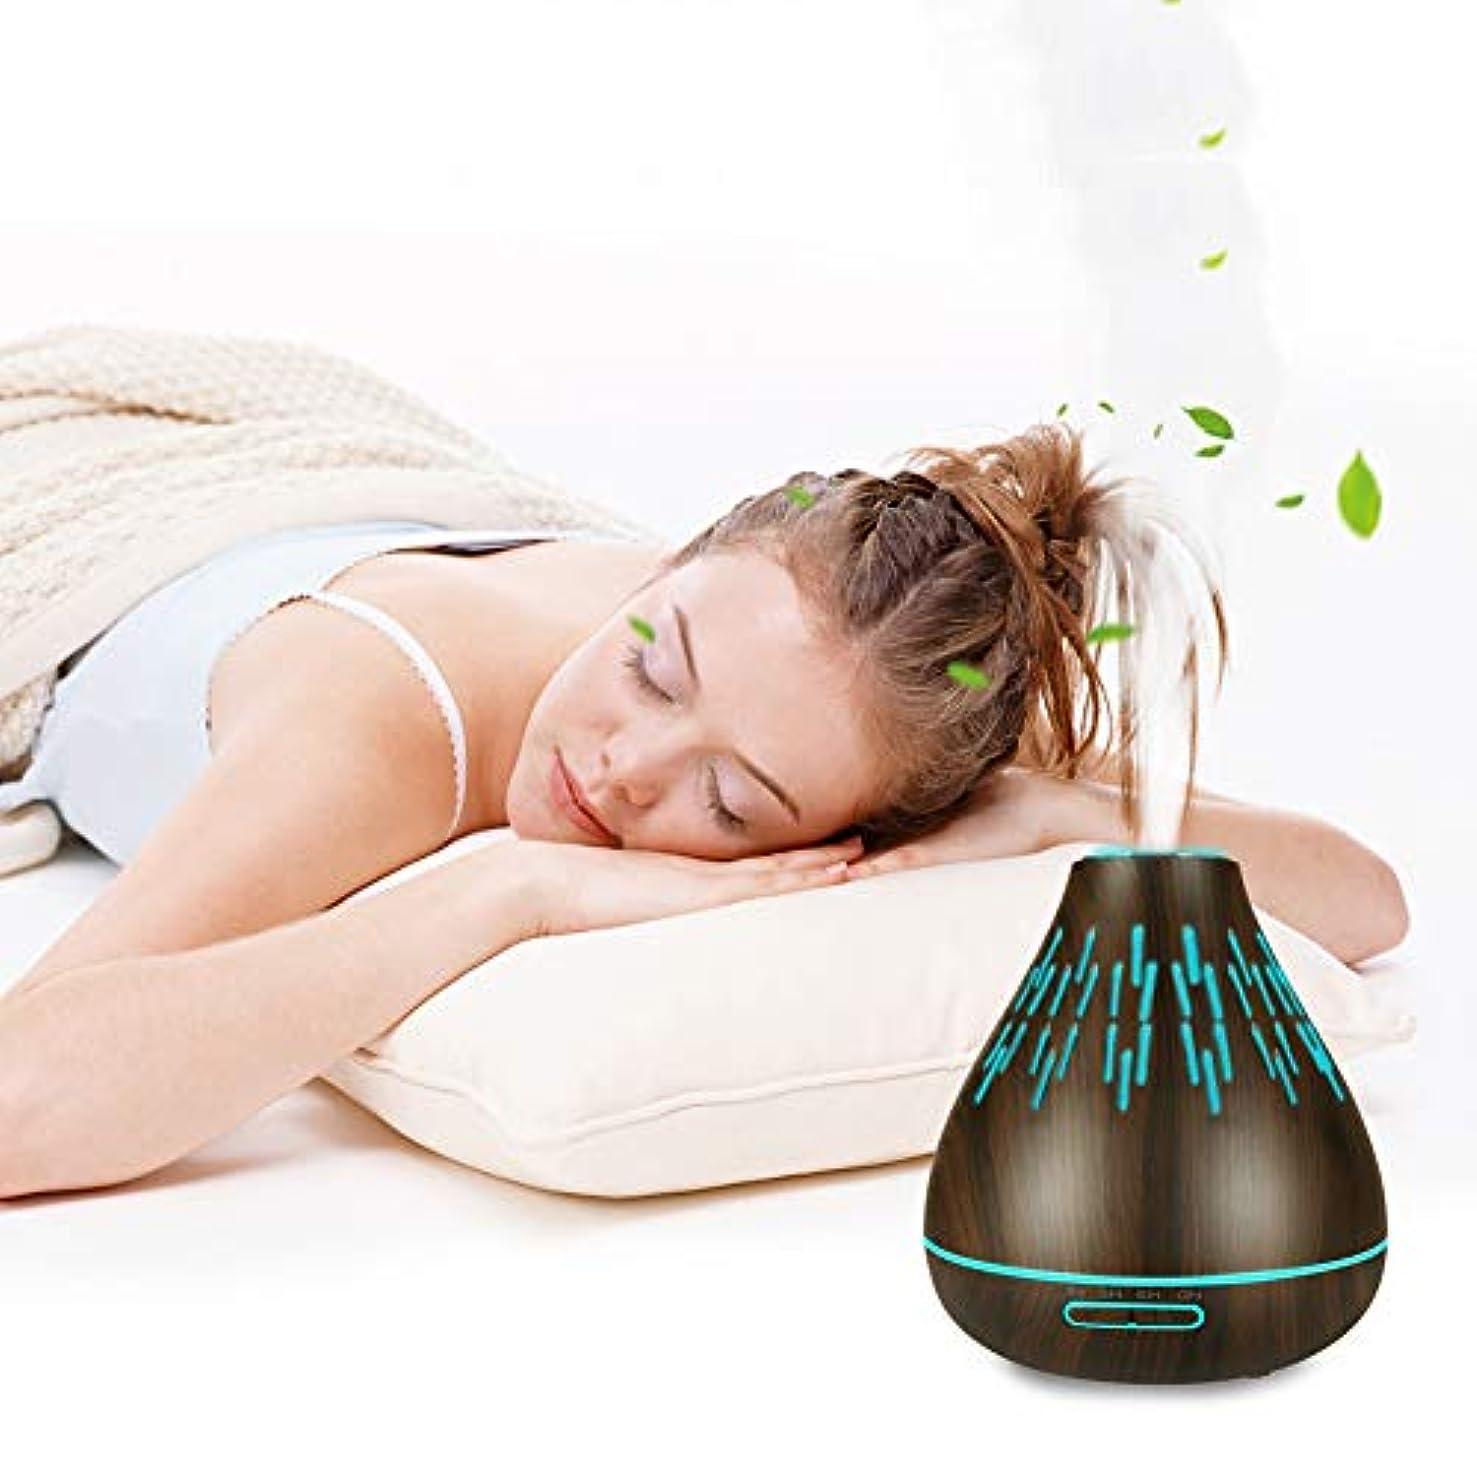 差し迫ったレスリング社説超音波 アロマディフューザー 、寝室やオフィスでリラックスした雰囲気のための300ミリリットルLED加湿器睡眠と呼吸